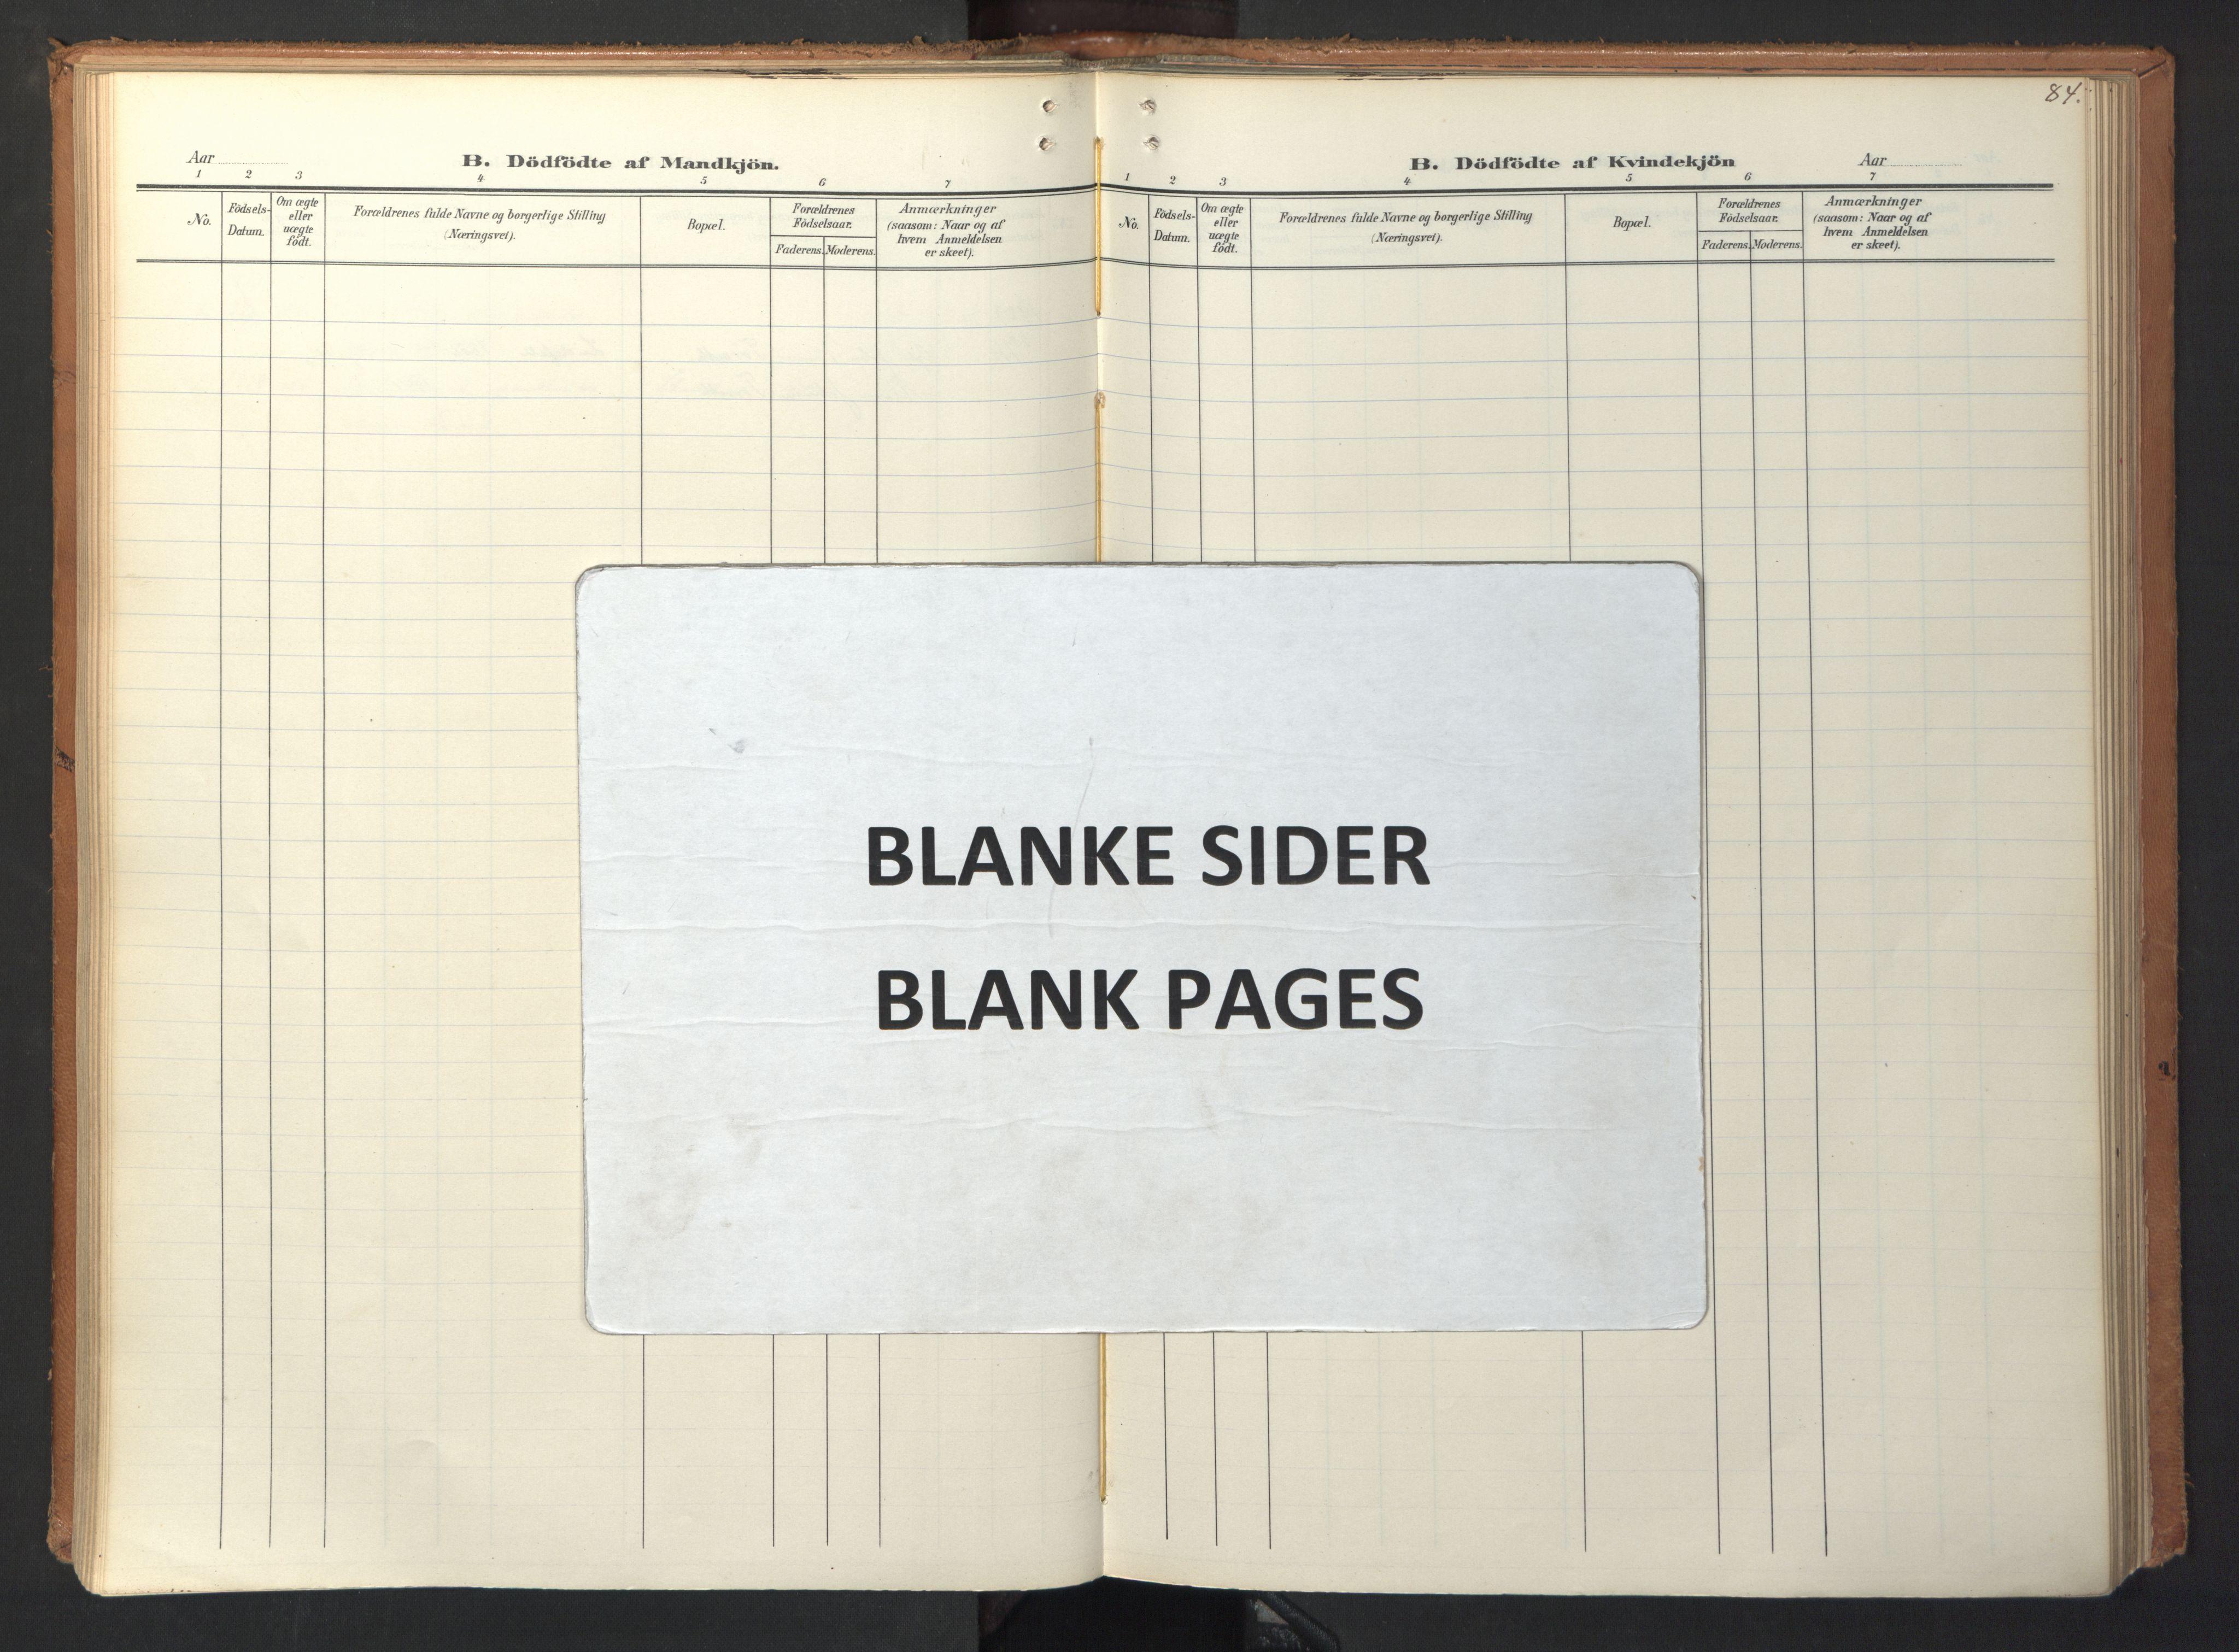 SAT, Ministerialprotokoller, klokkerbøker og fødselsregistre - Sør-Trøndelag, 694/L1128: Ministerialbok nr. 694A02, 1906-1931, s. 84